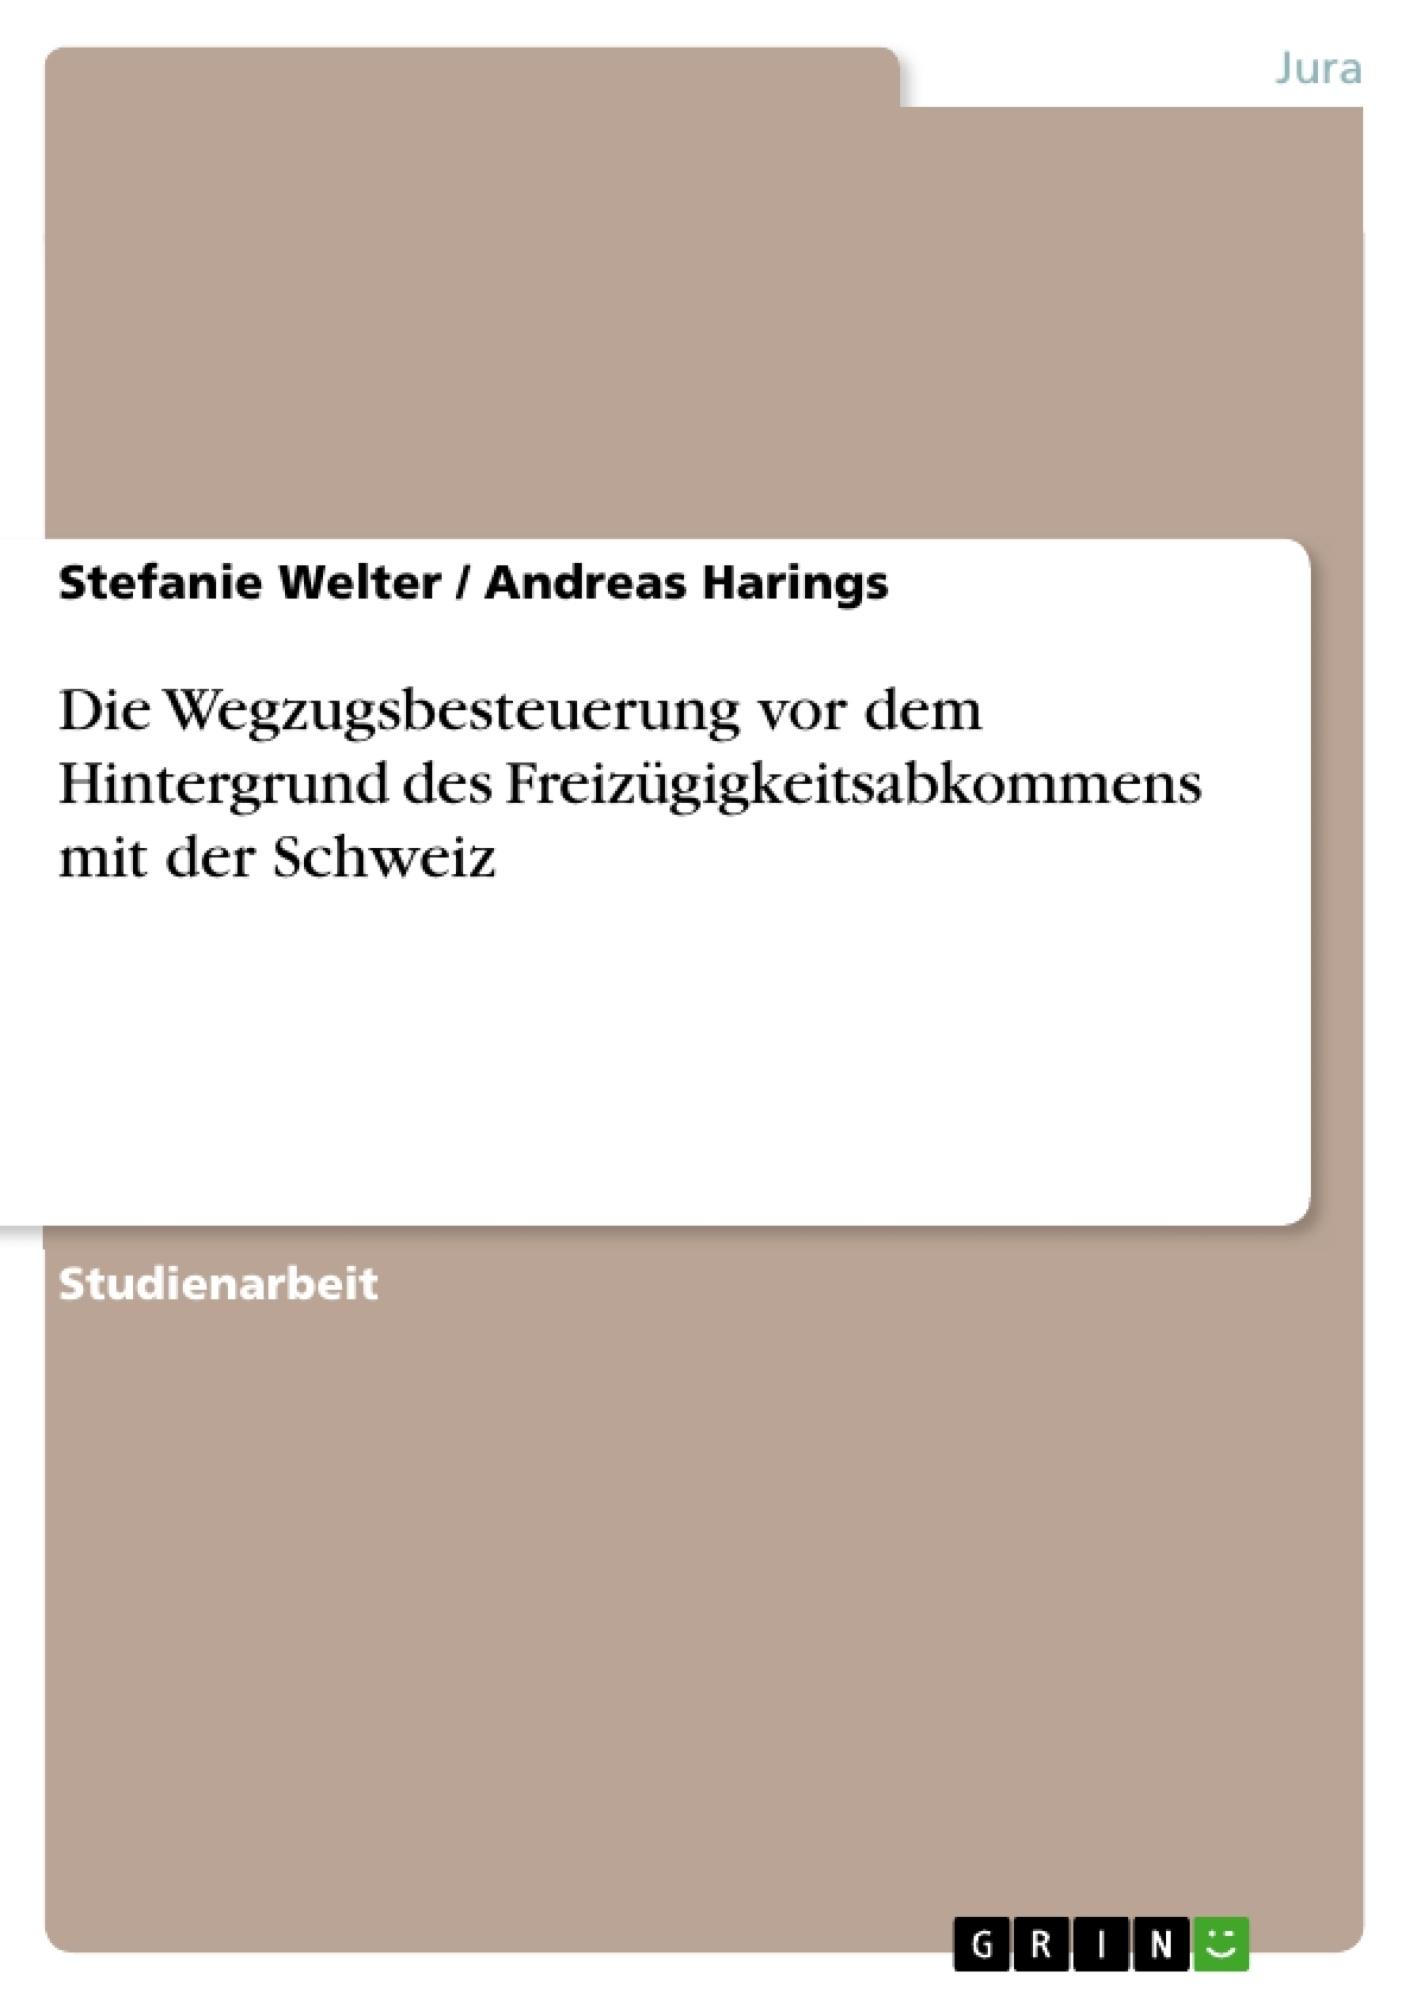 Titel: Die Wegzugsbesteuerung vor dem Hintergrund des Freizügigkeitsabkommens mit der Schweiz